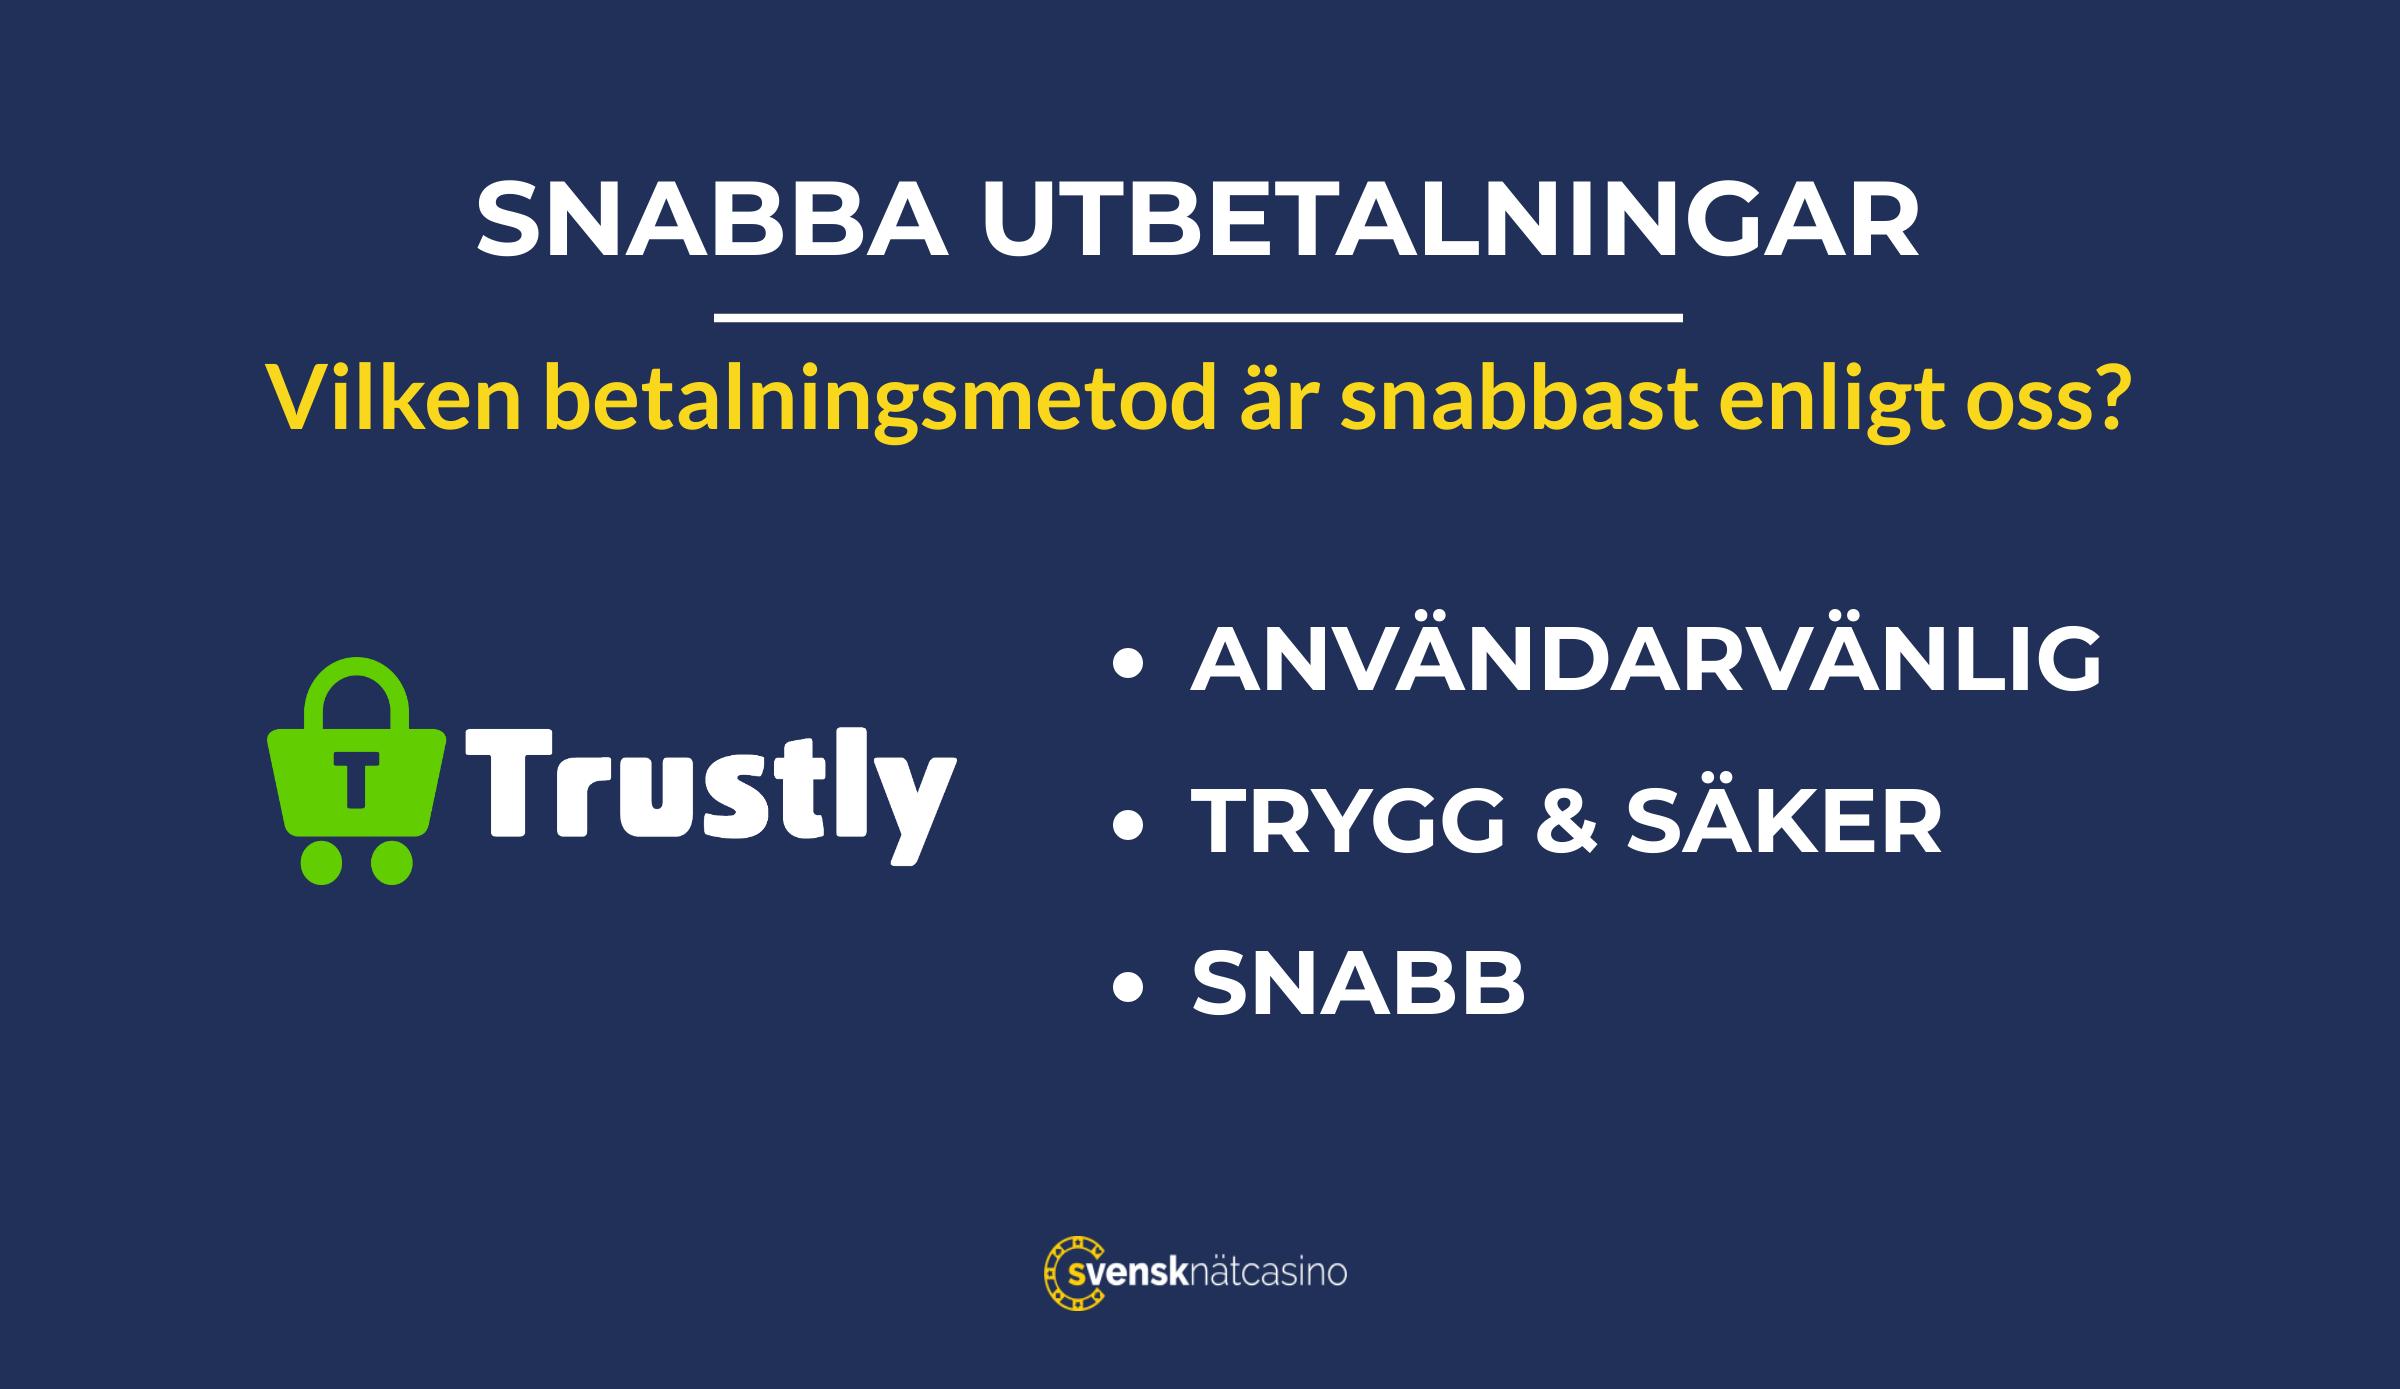 casinon med snabba utbetalningar snabbaste betalmetoden svensknatcasino se